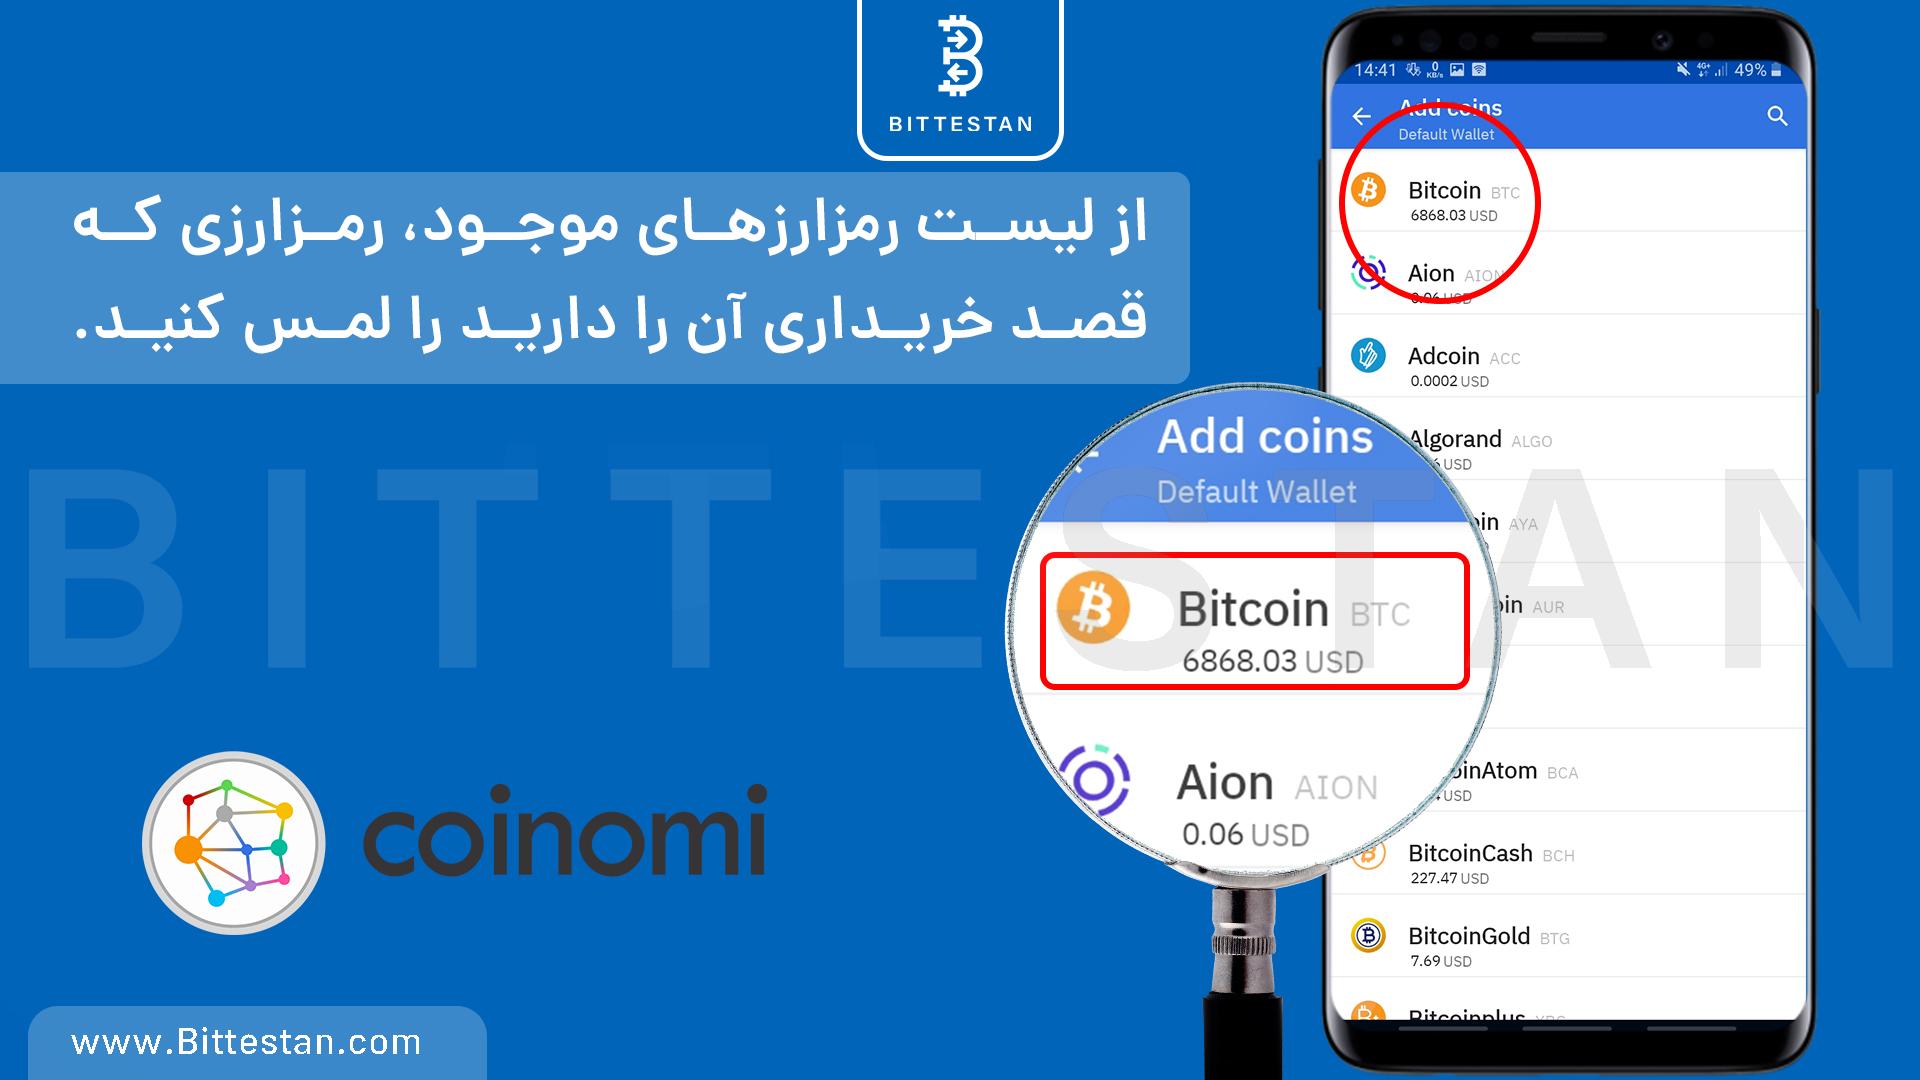 خرید بیتکوین با کوینومی